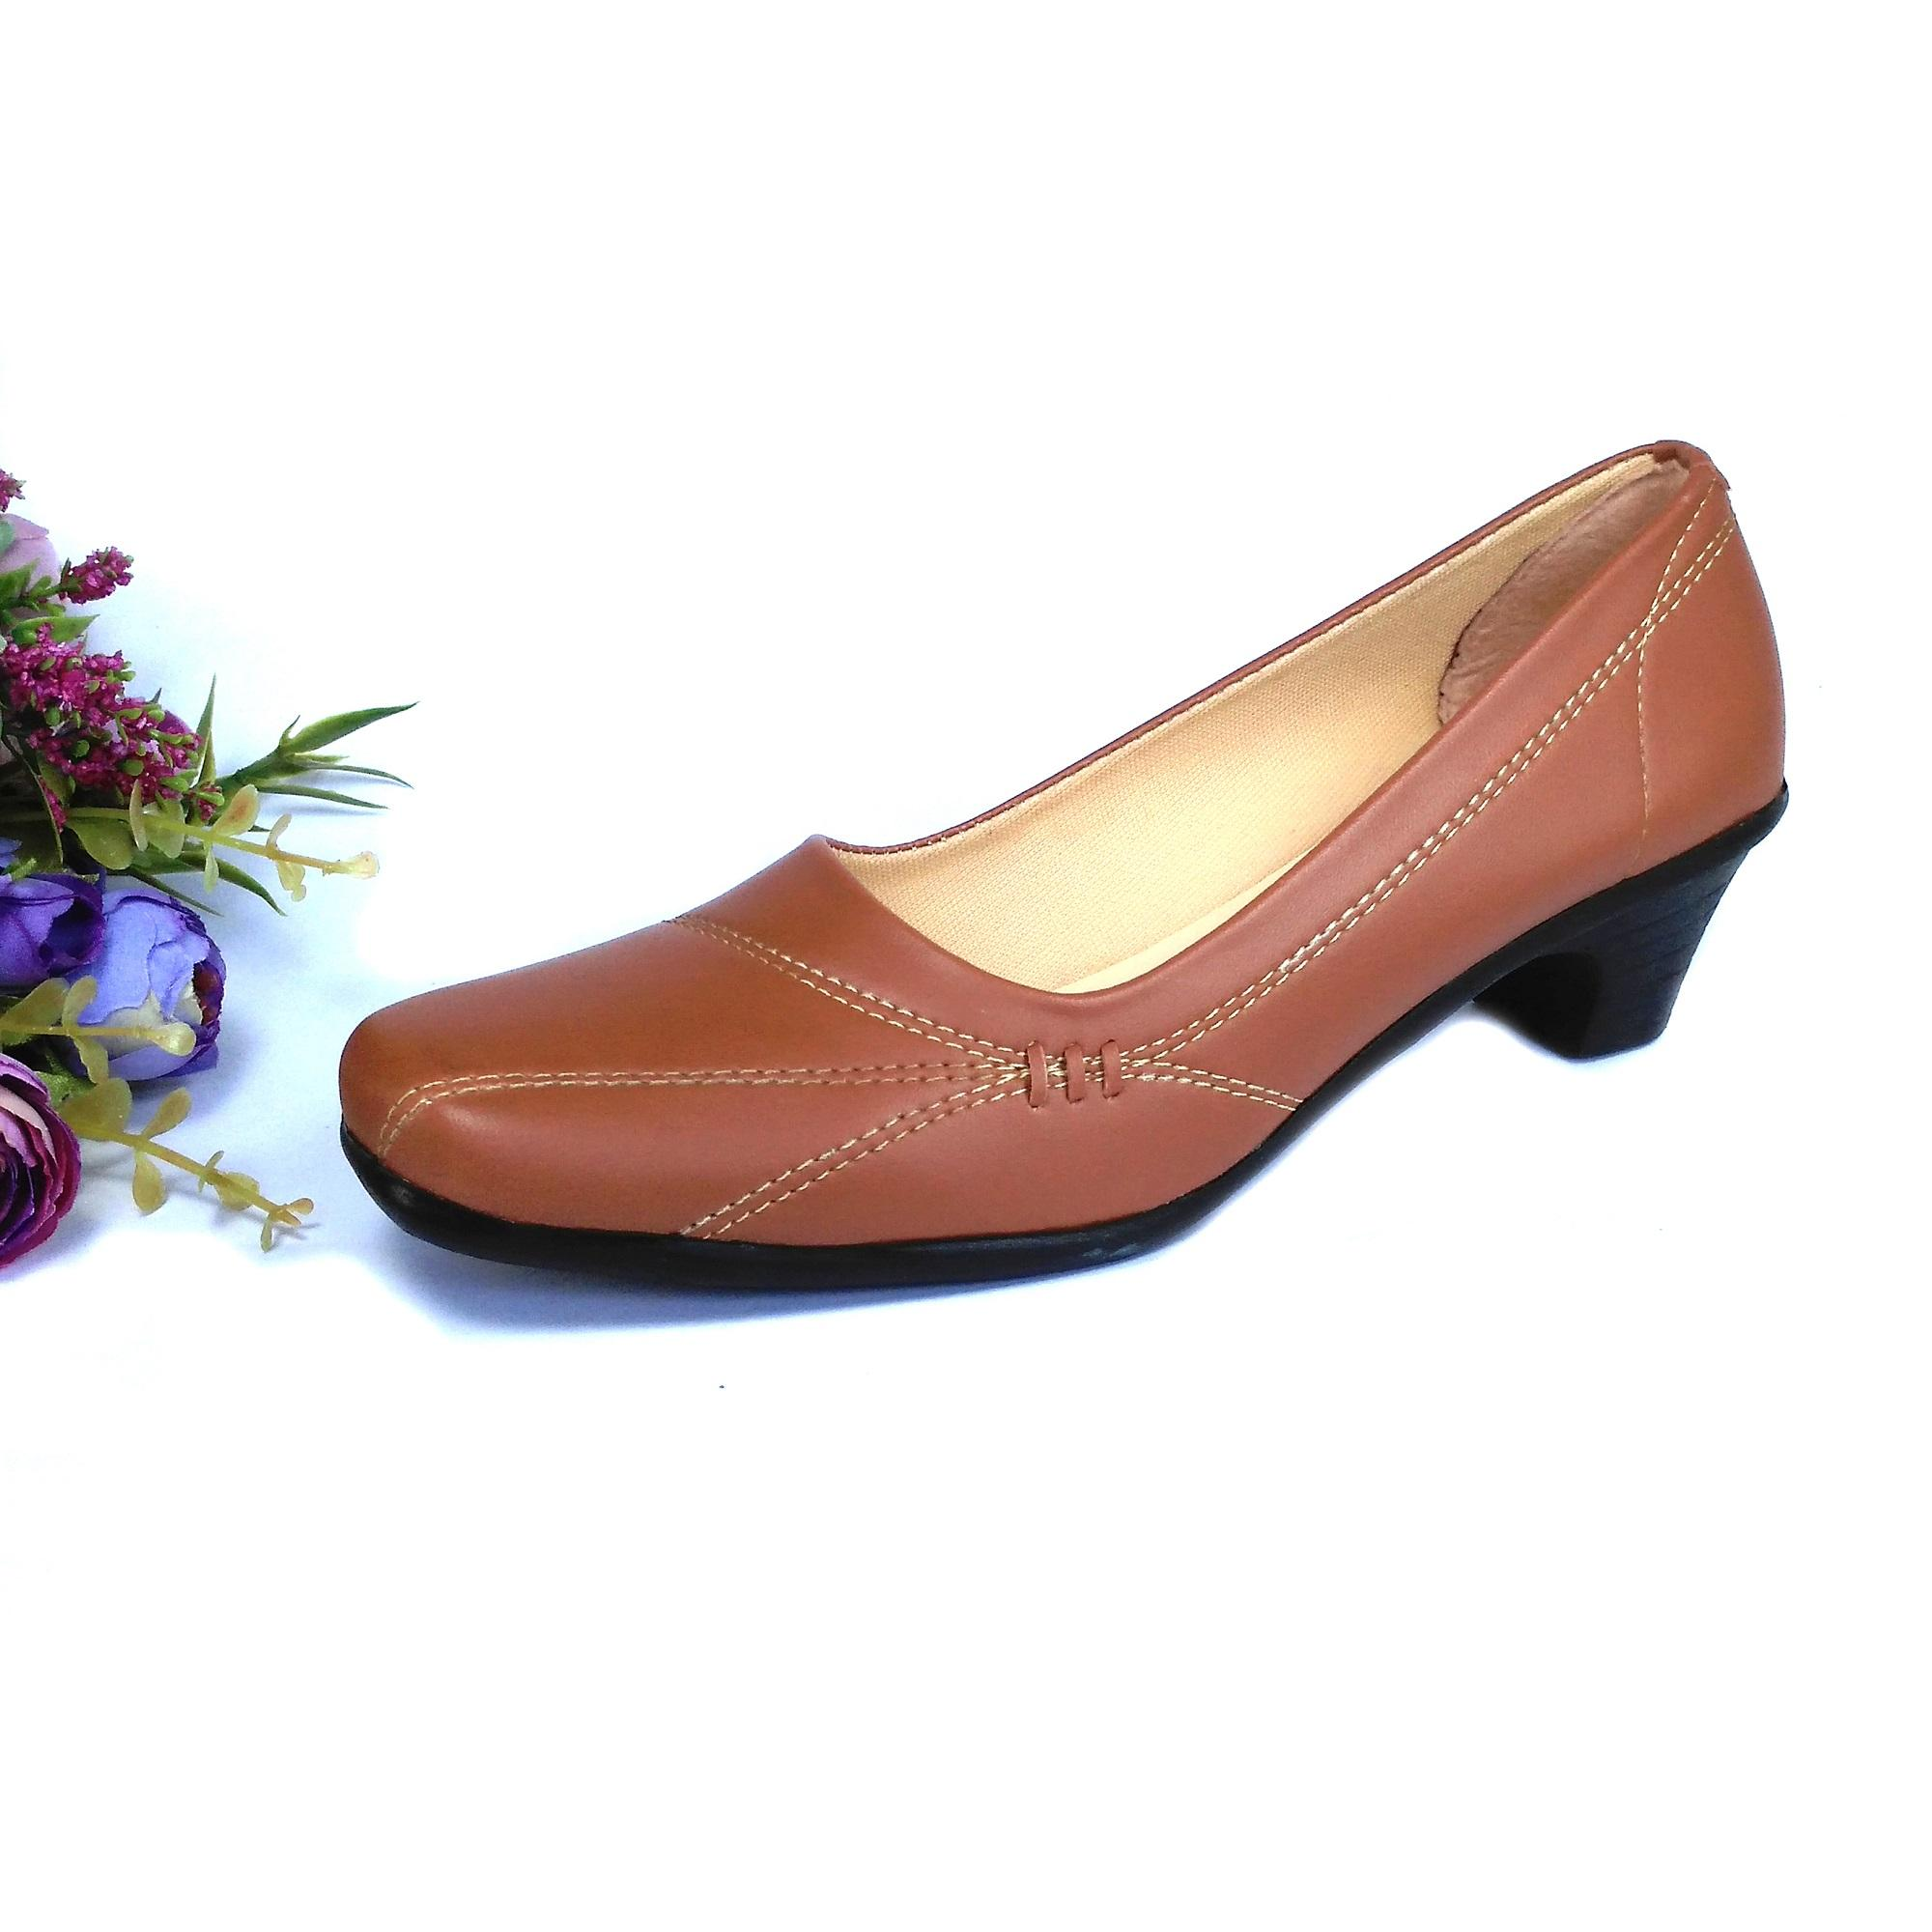 Buy Sell Cheapest 2018 Wanita Mules Best Quality Product Deals Sepatu Platform Elegan Hqo Pantofel Formal Paskibra Bertali